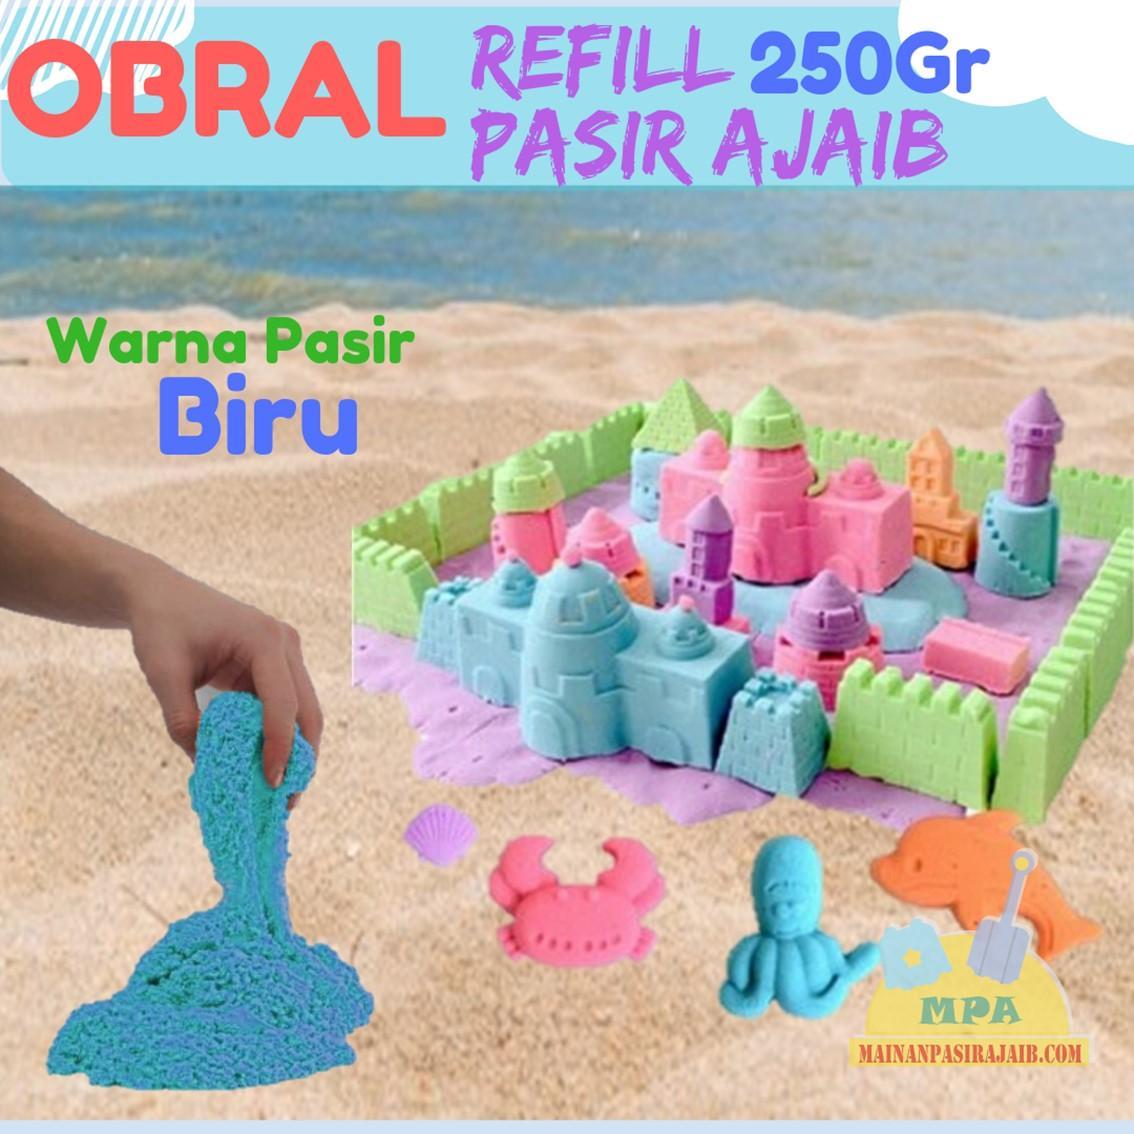 Obral Refill Pasir Ajaib Model Magic Play Sand 250gr Murah